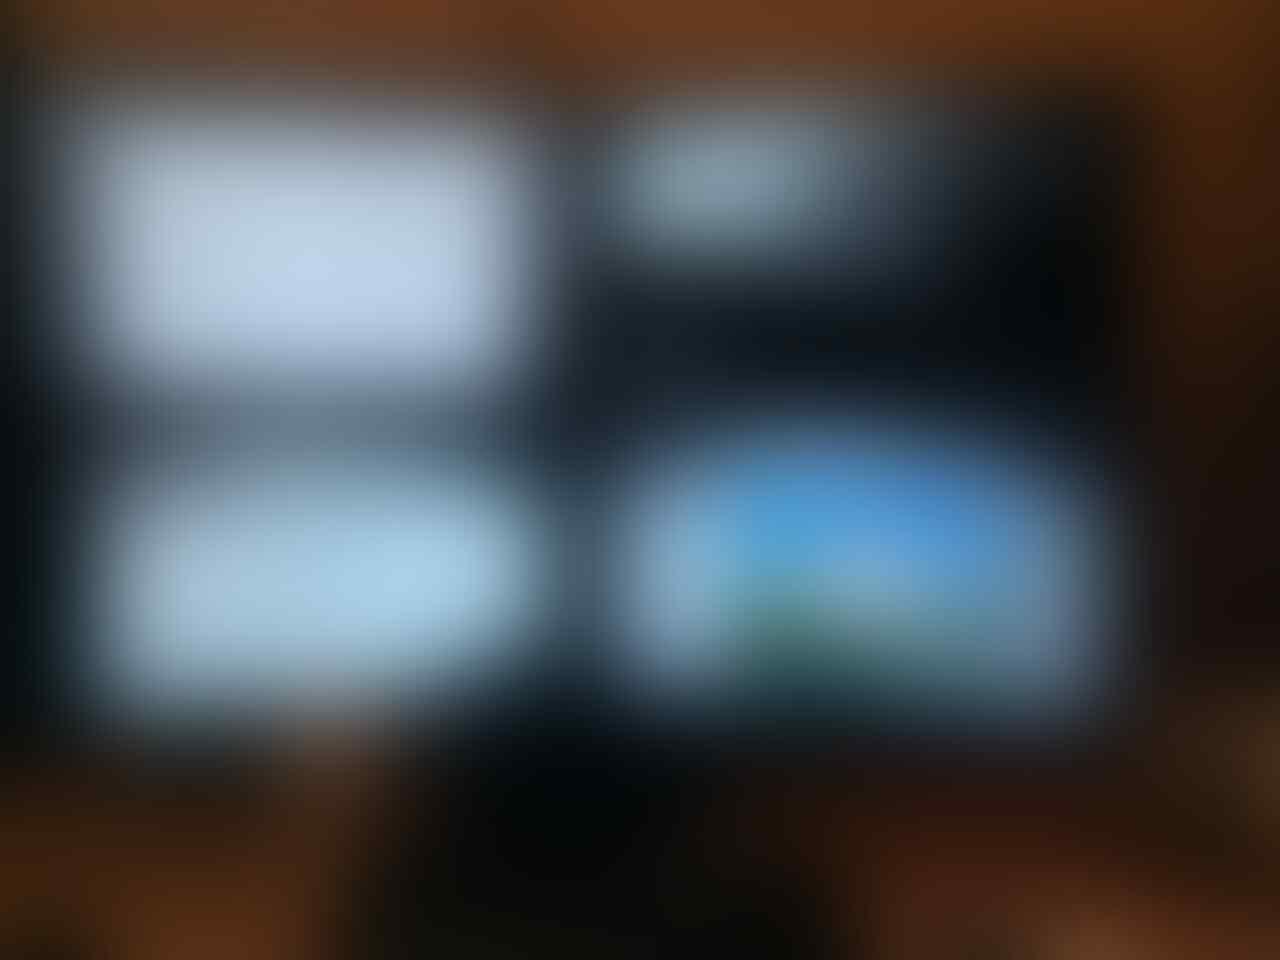 Quadro NVS 420 - Quad Display Monitor Res. WQHD